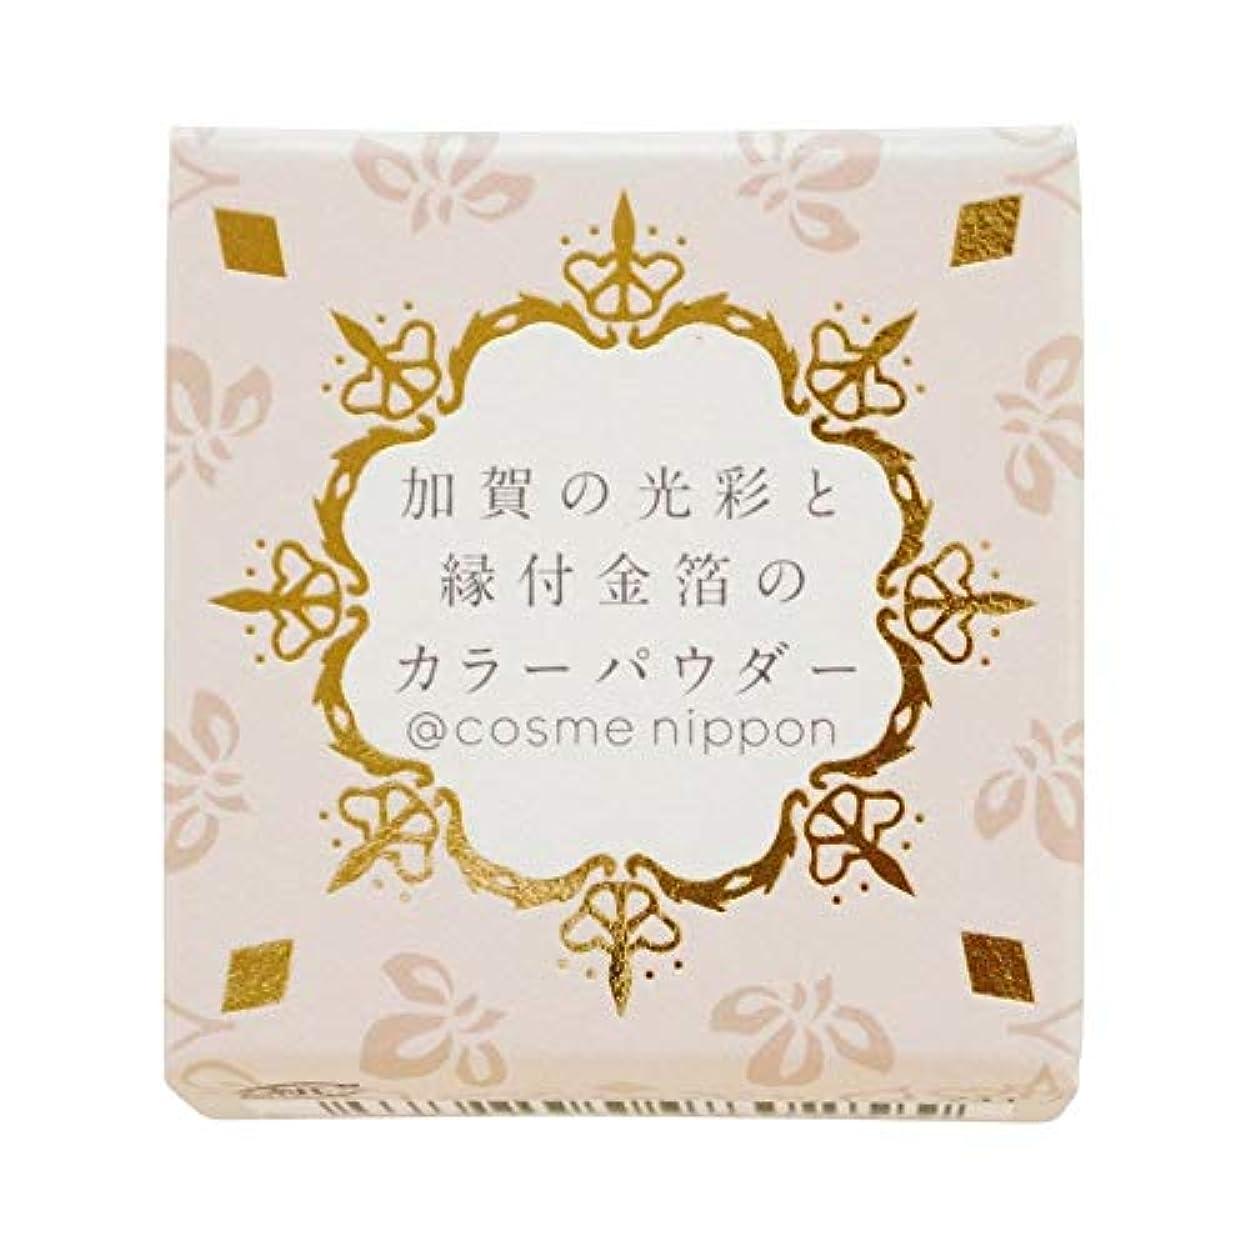 円周始まり発音友禅工芸 すずらん加賀の光彩と縁付け金箔のカラーパウダー01金色こんじき